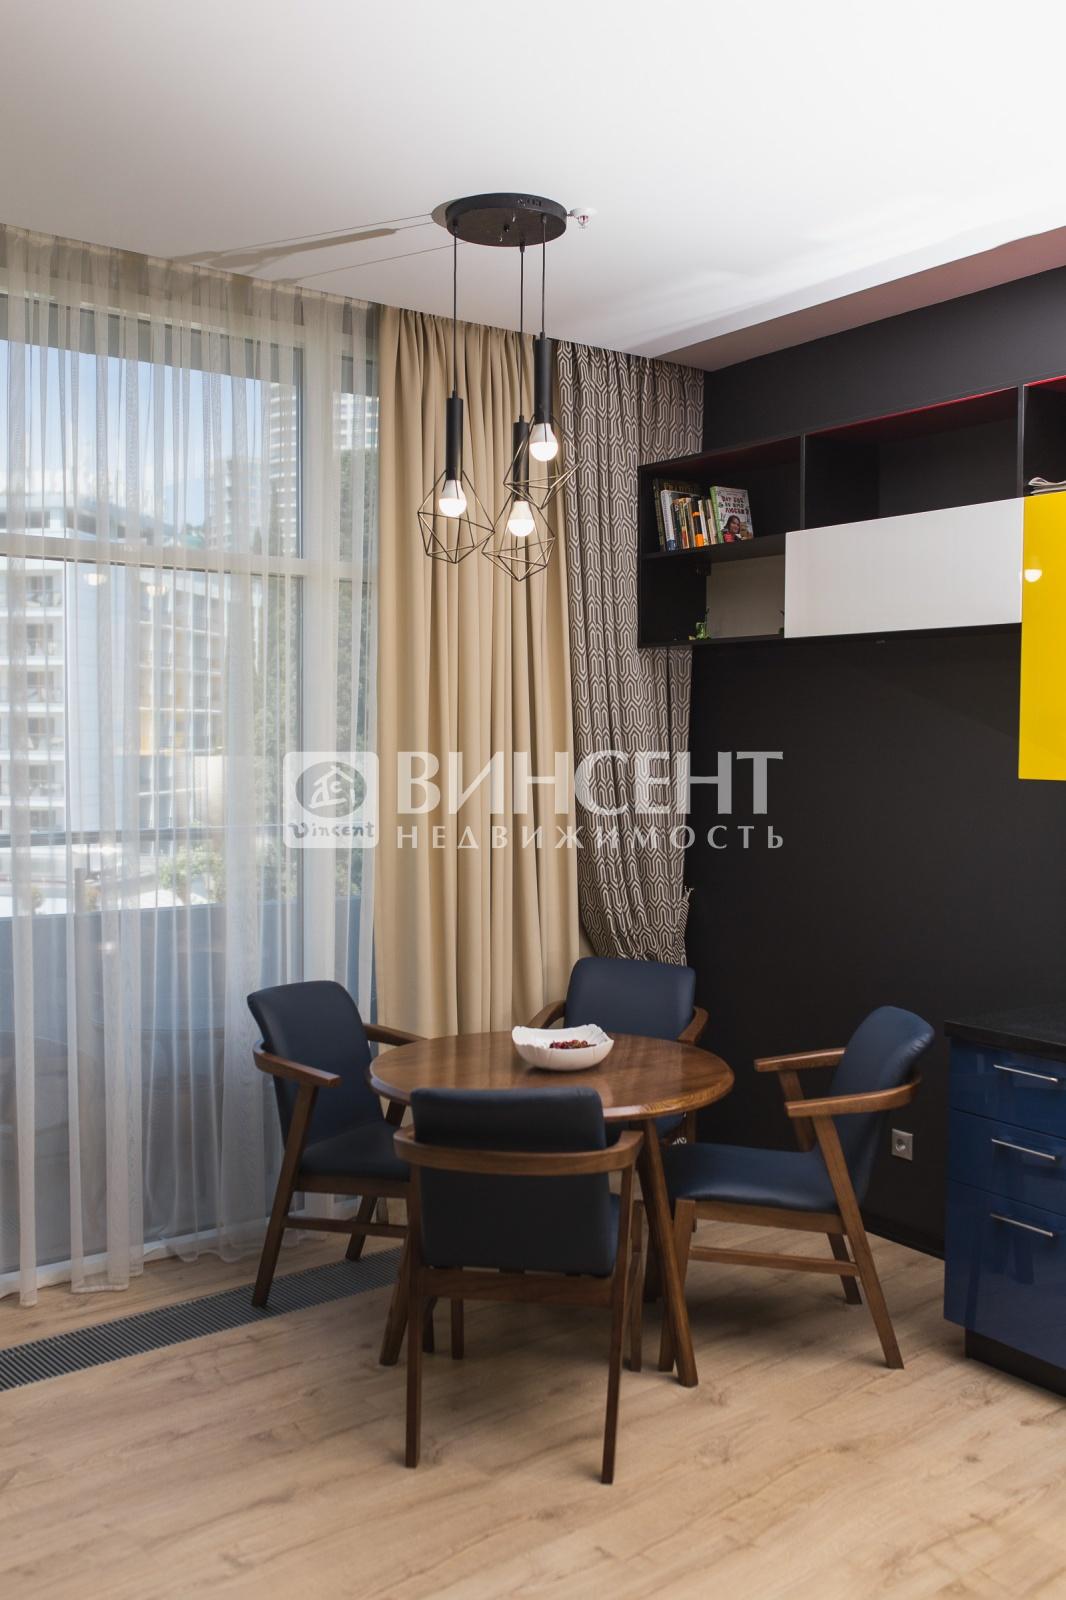 Инструкция FAQ по покупке квартиры в Сочи  Не сидится